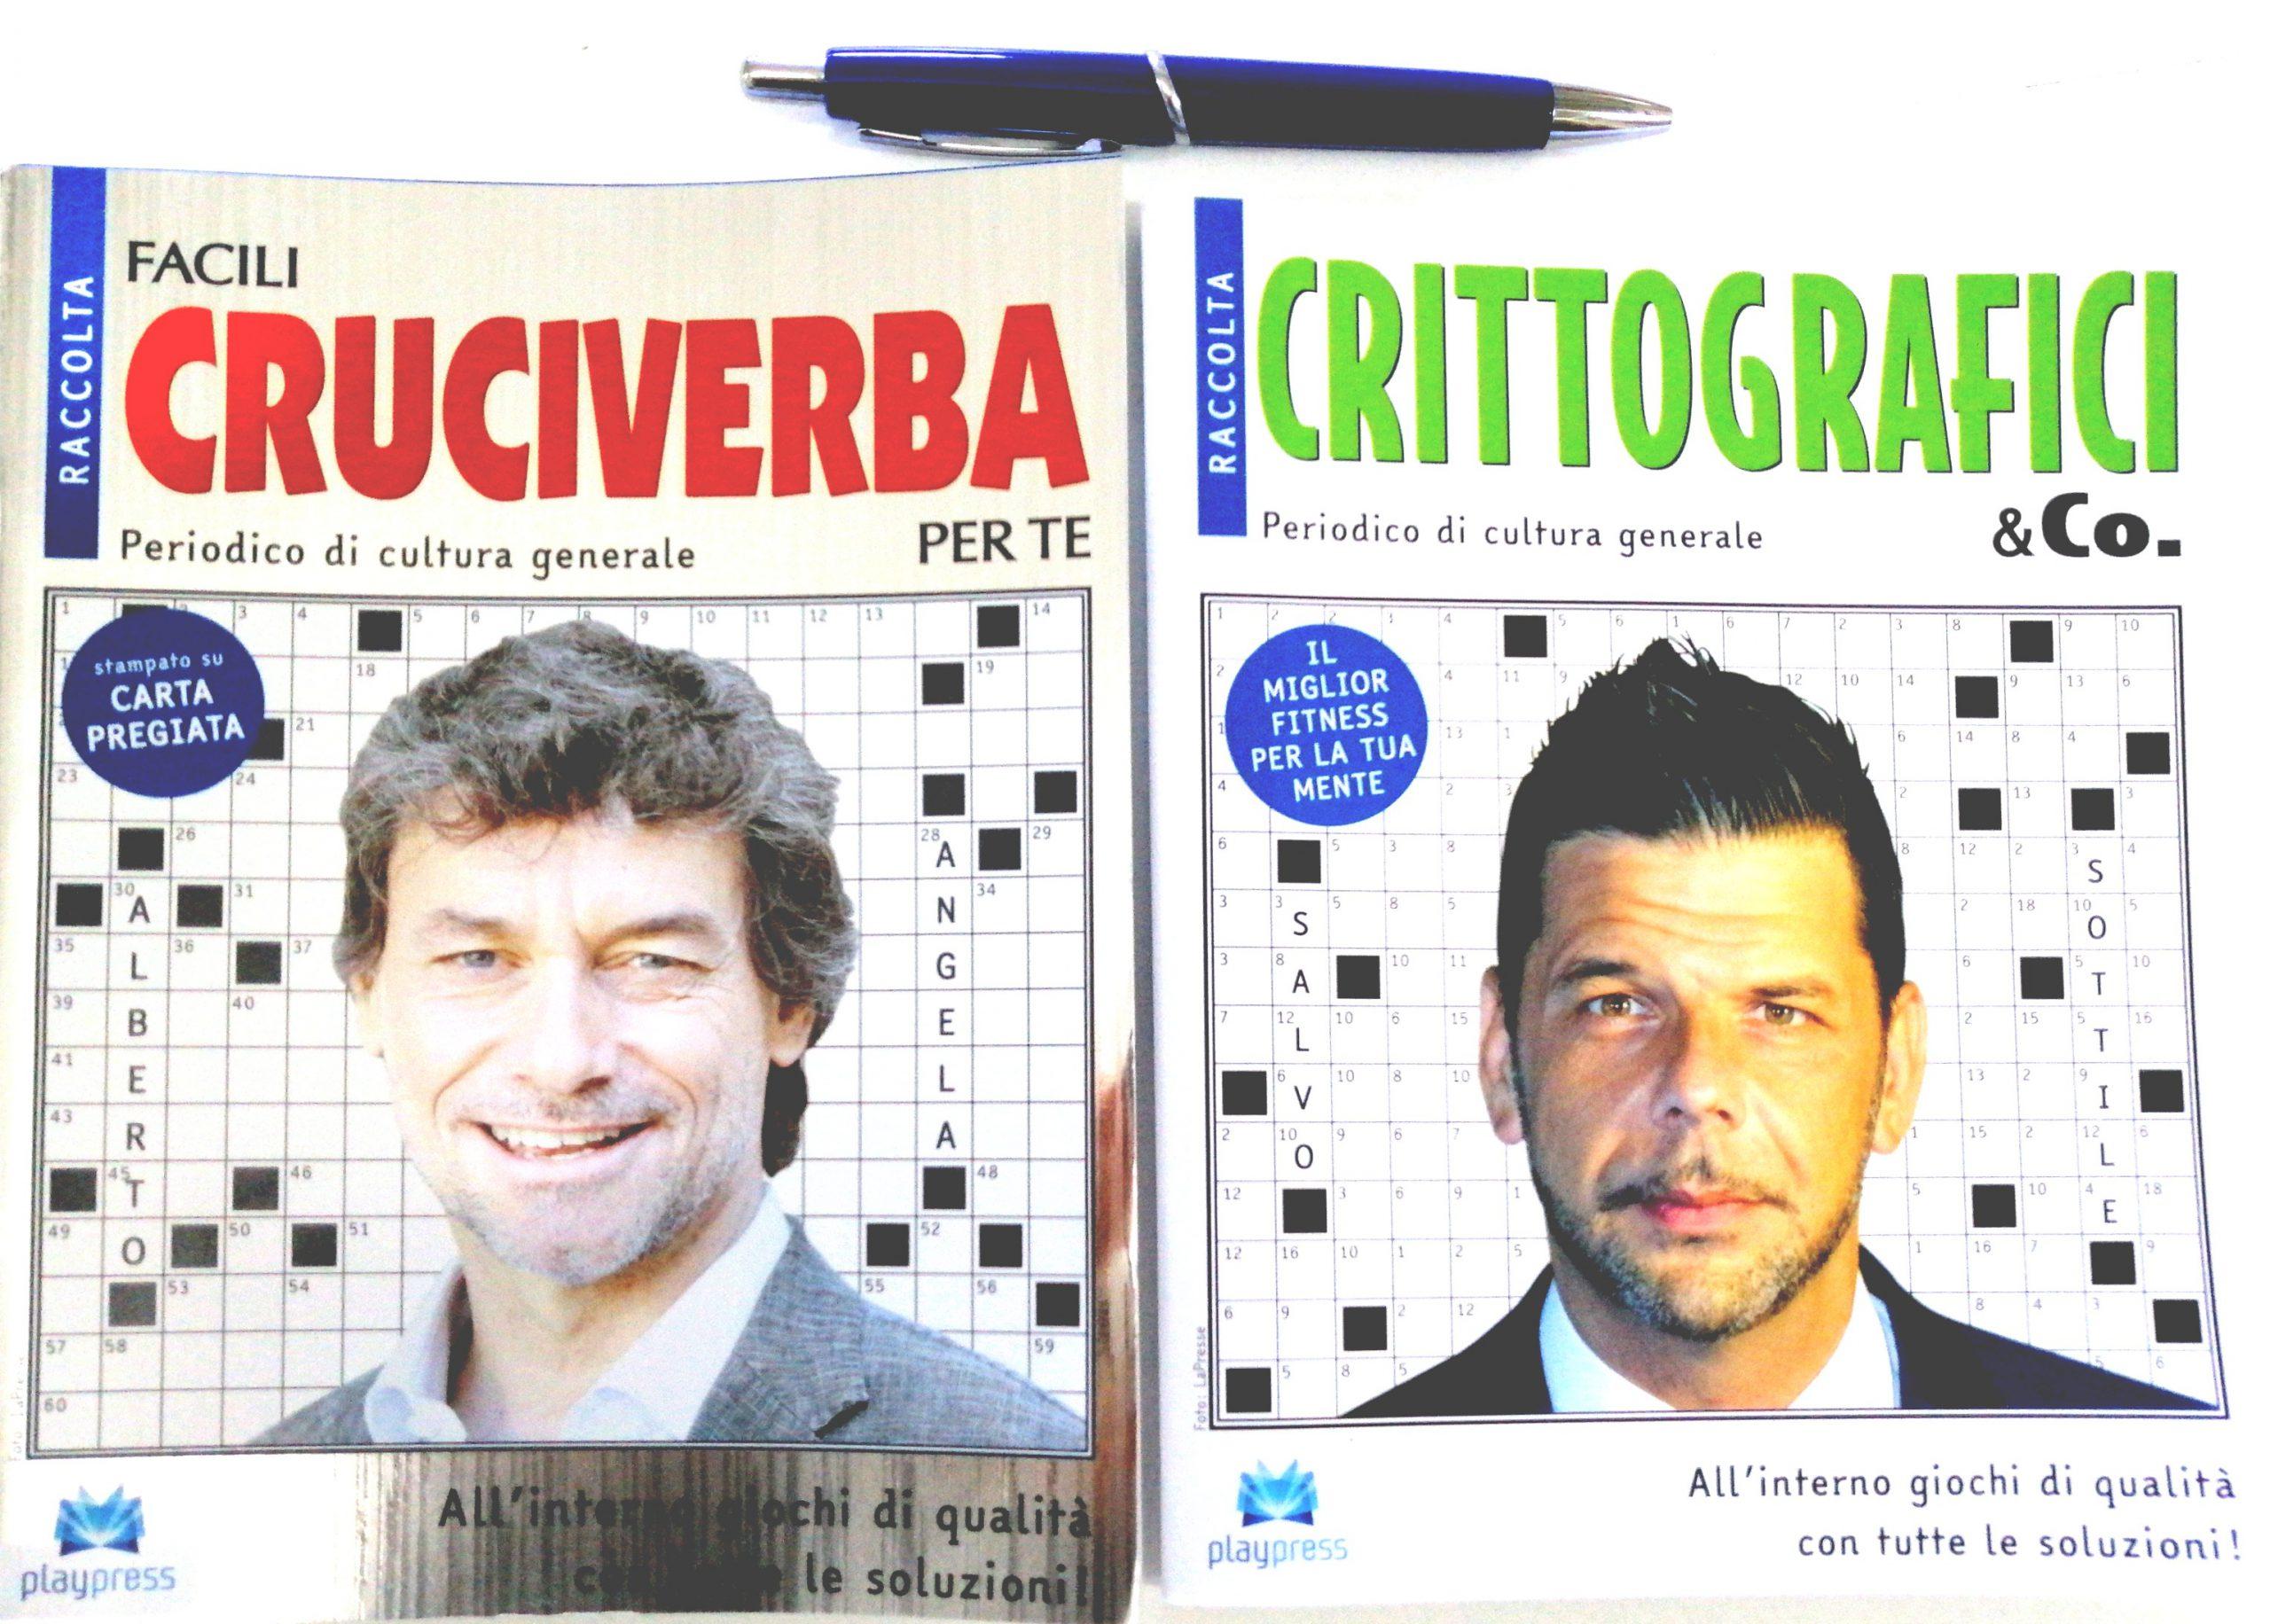 CRUCIVERBA FACILI - Spacebook.it - lo store dei libri online